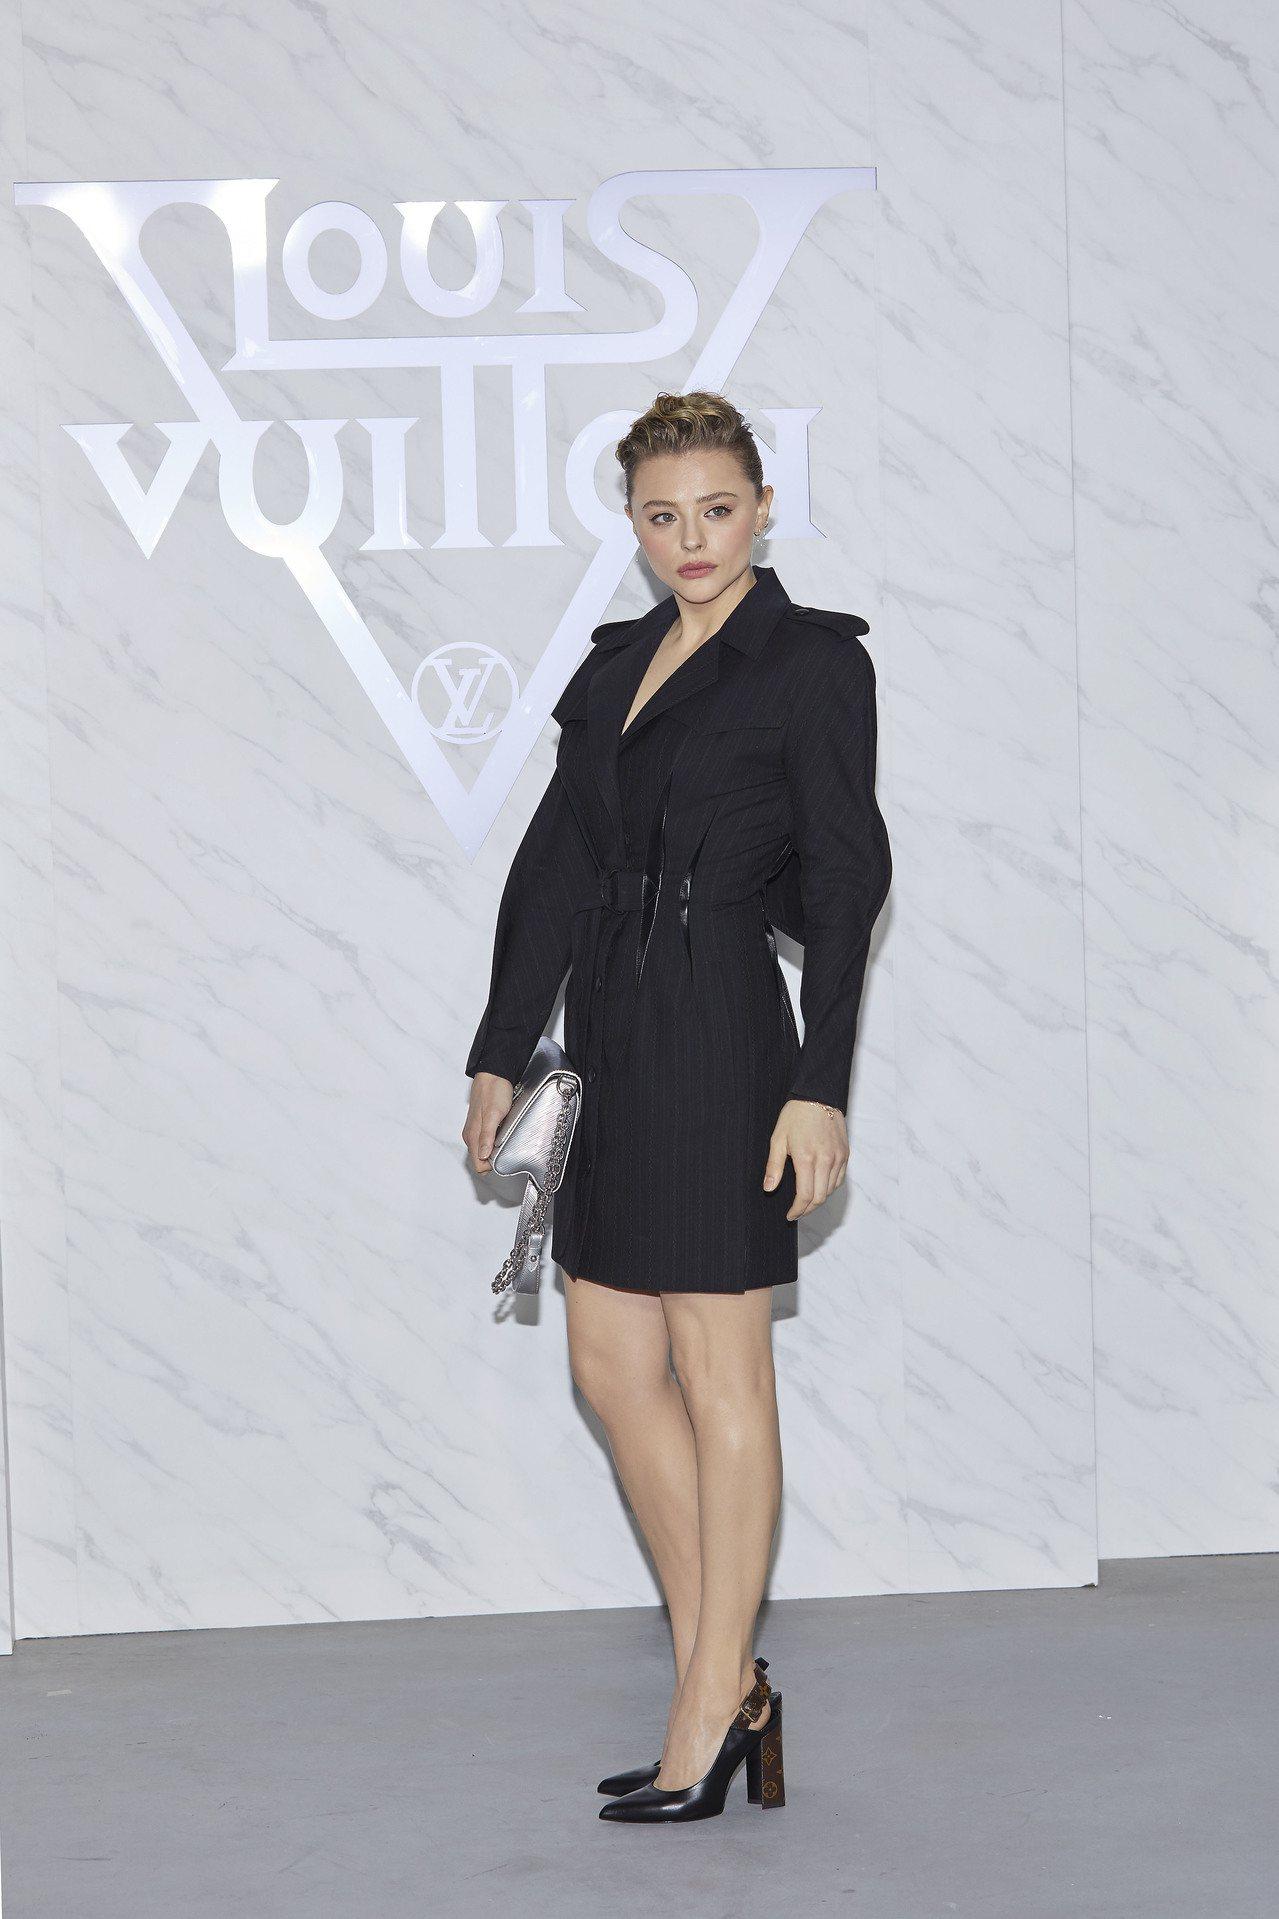 克羅伊摩蕾茲將套裝穿得相當颯爽俐落。圖/LV提供